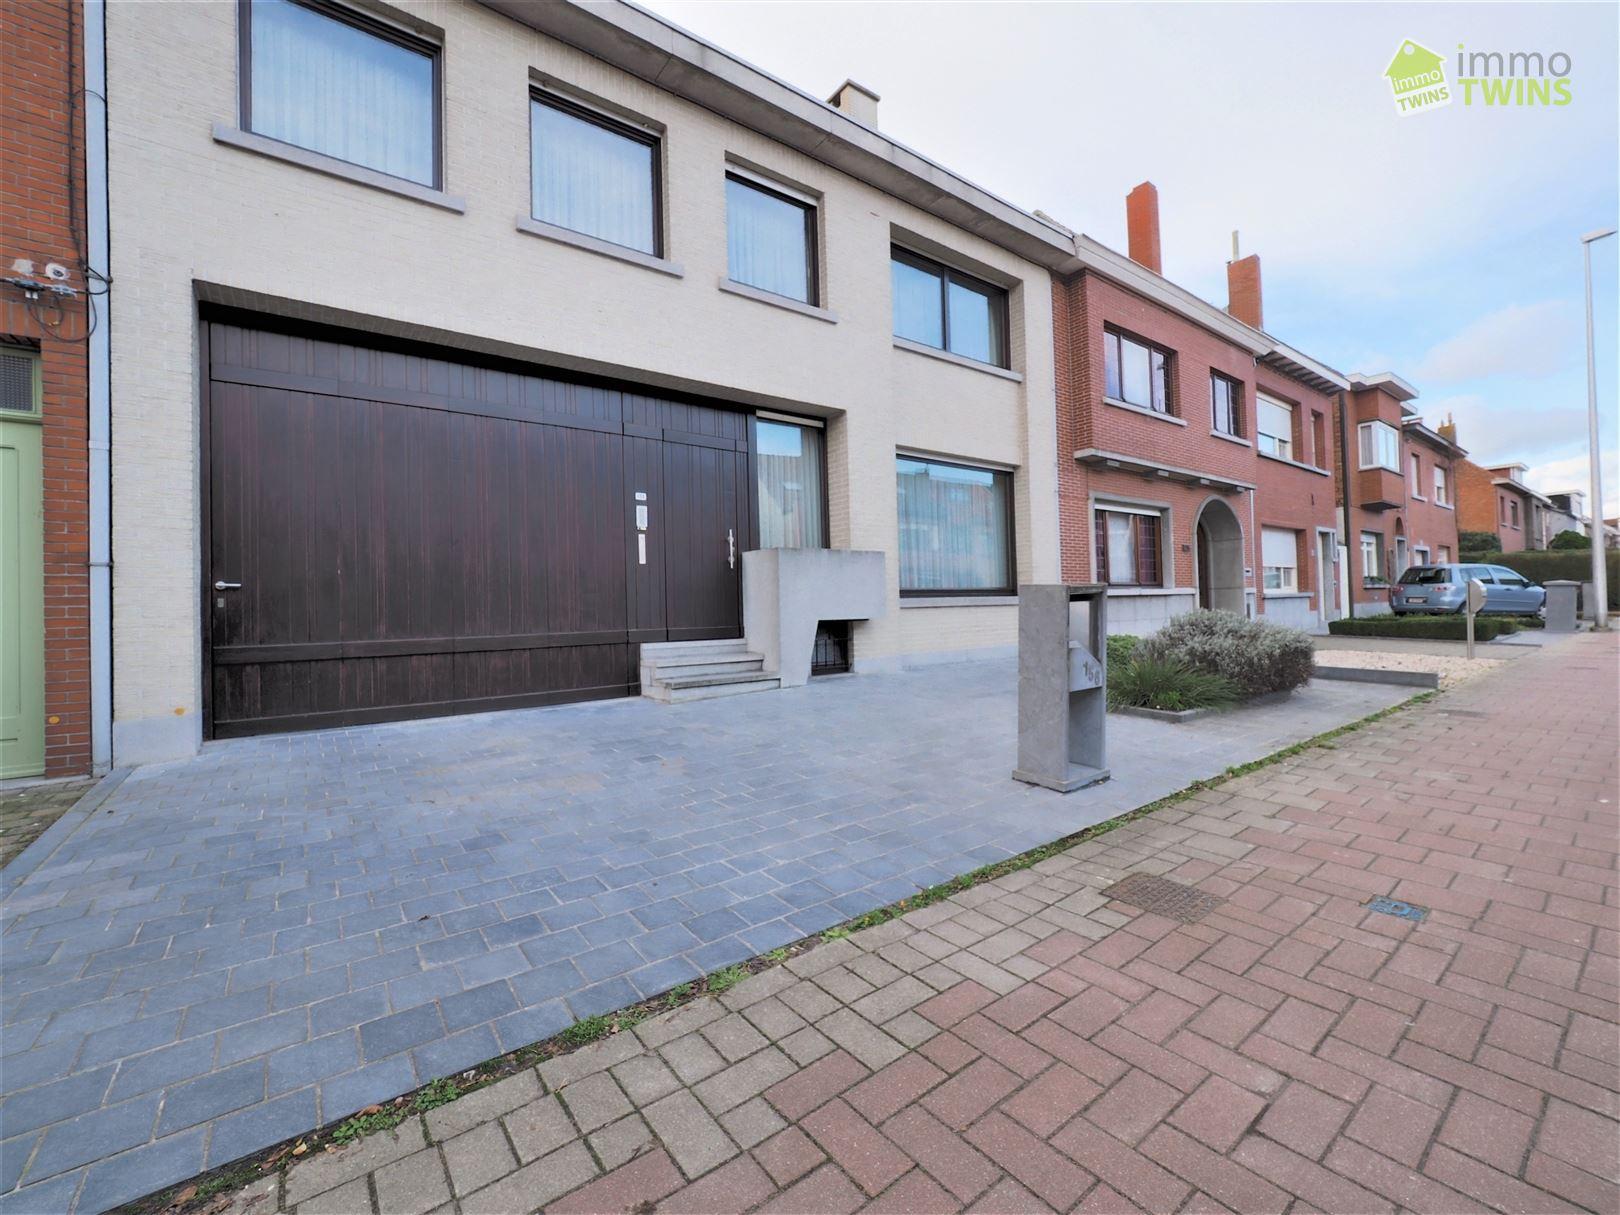 Foto 1 : Huis te 9240 ZELE (België) - Prijs € 345.000